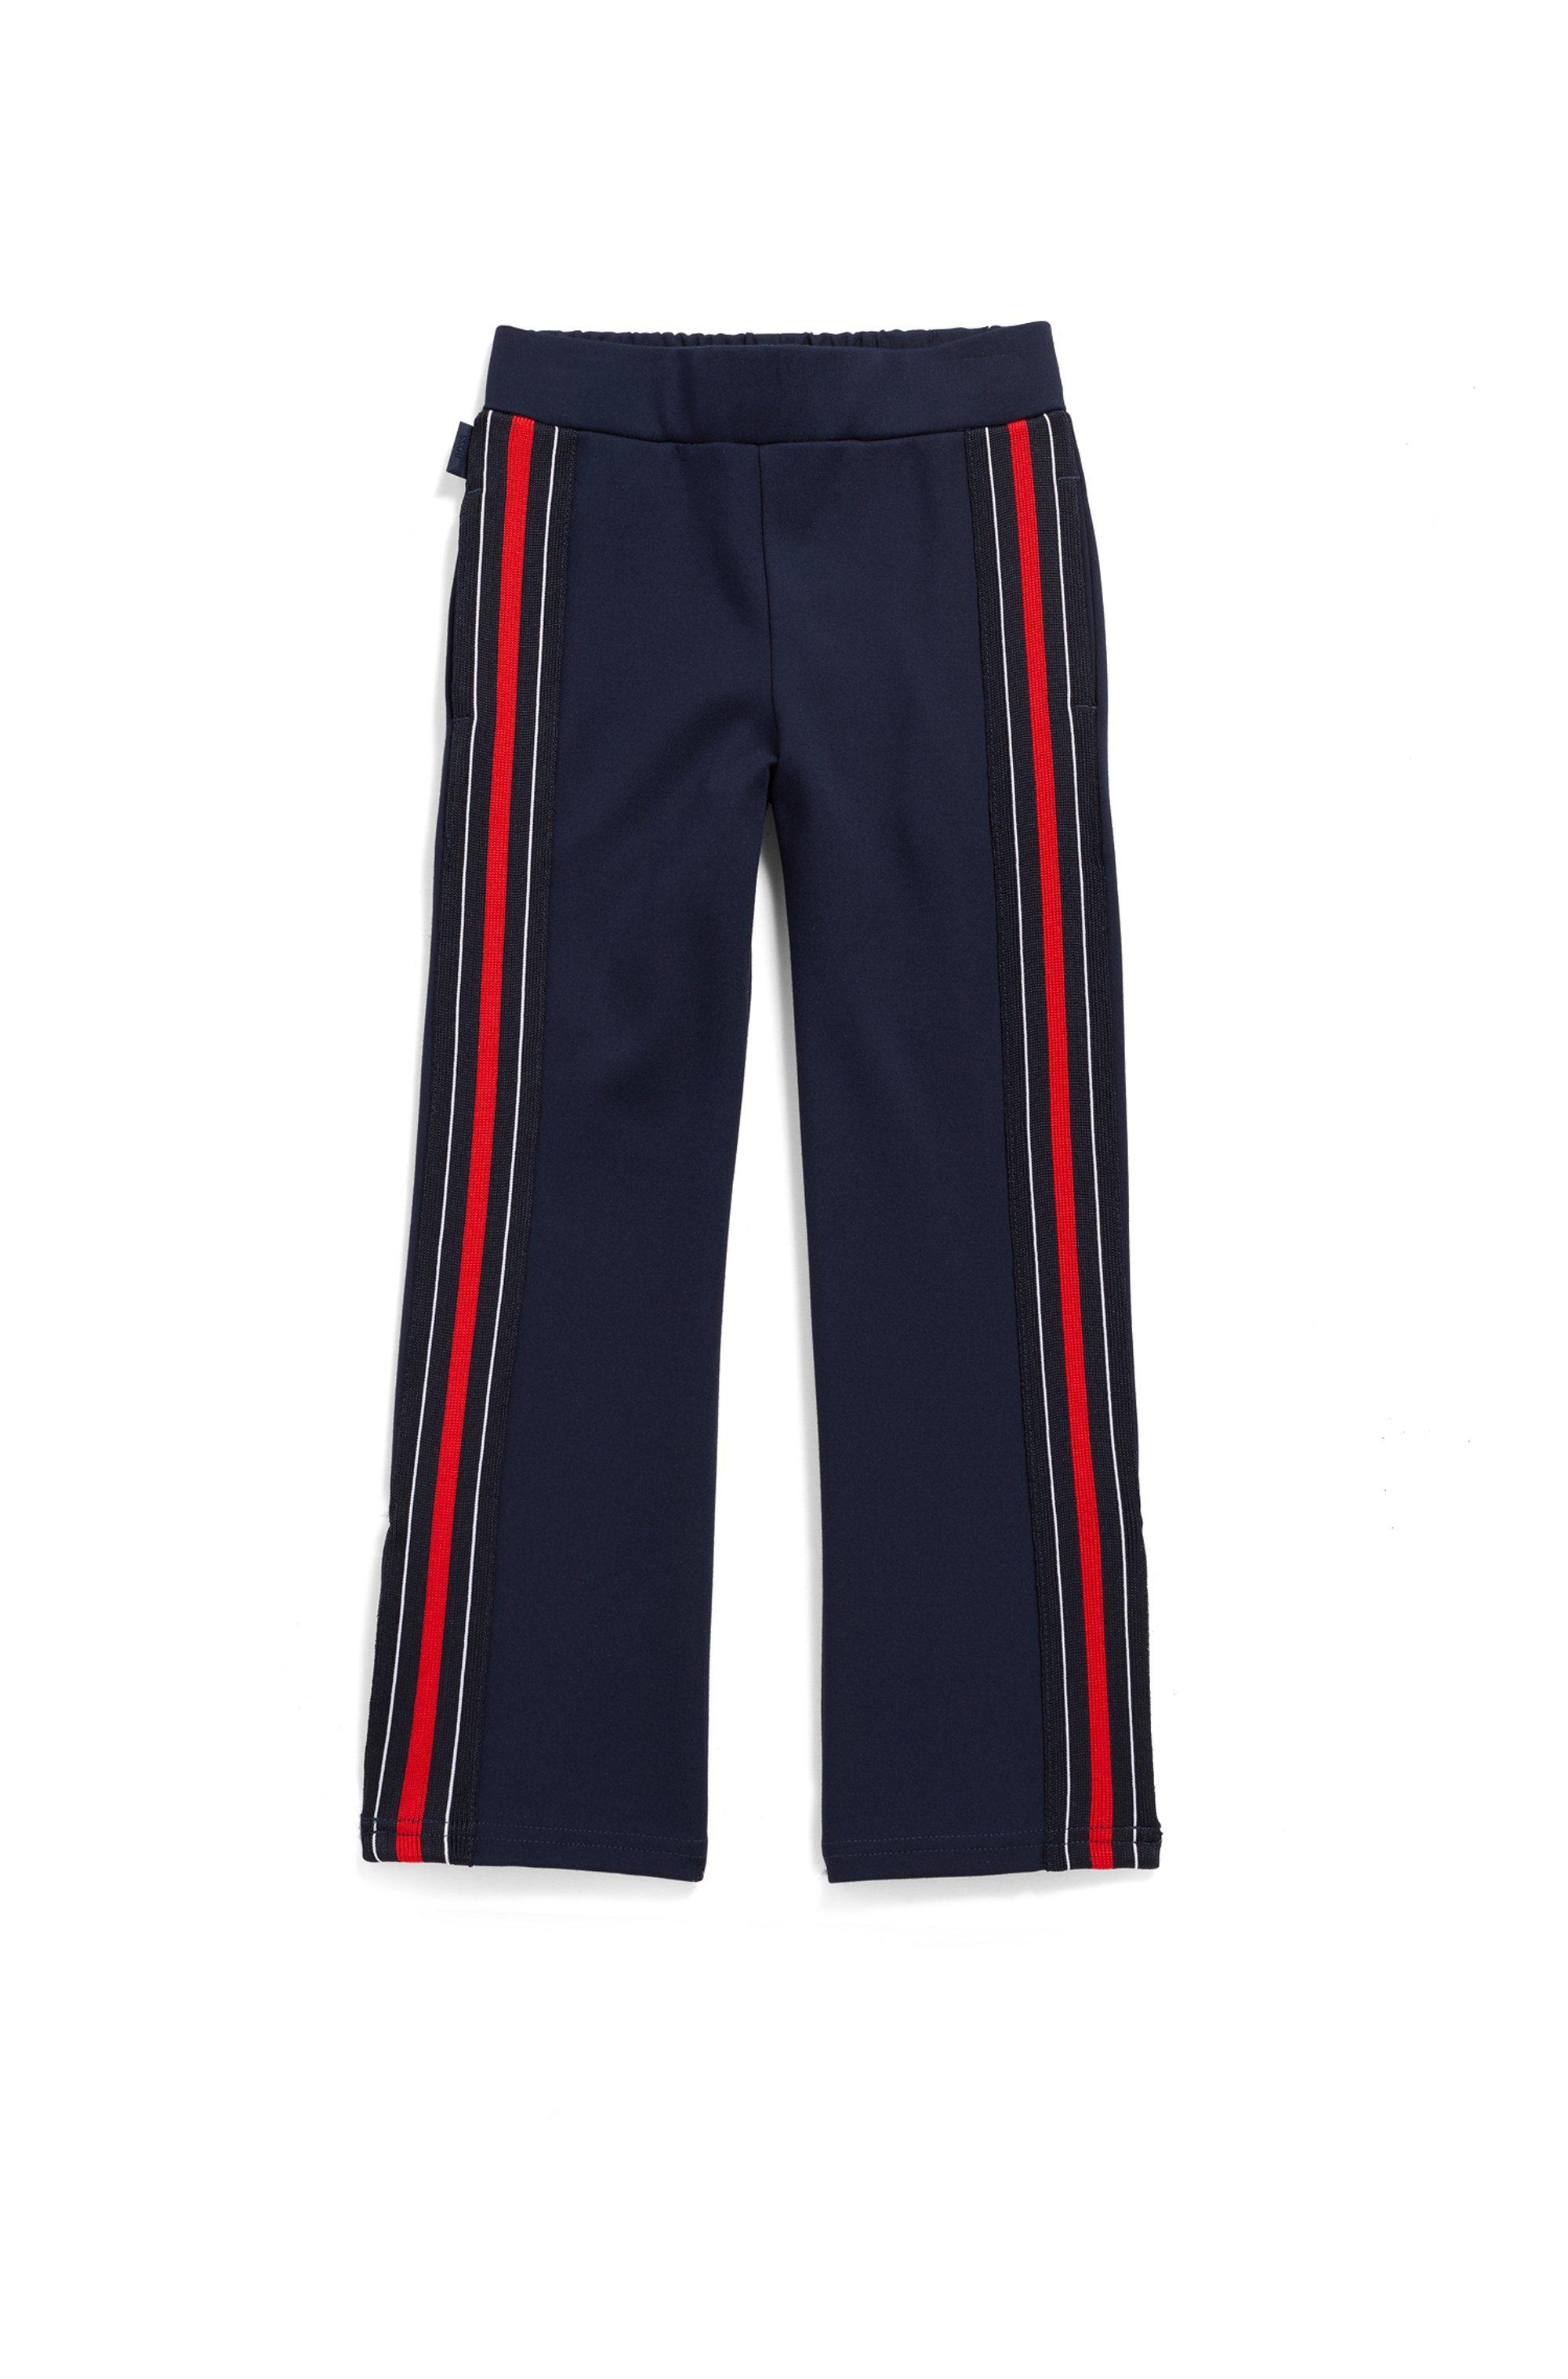 Pantalon pour enfant en jersey Milano, avec bande latérale contrastante, Bleu foncé